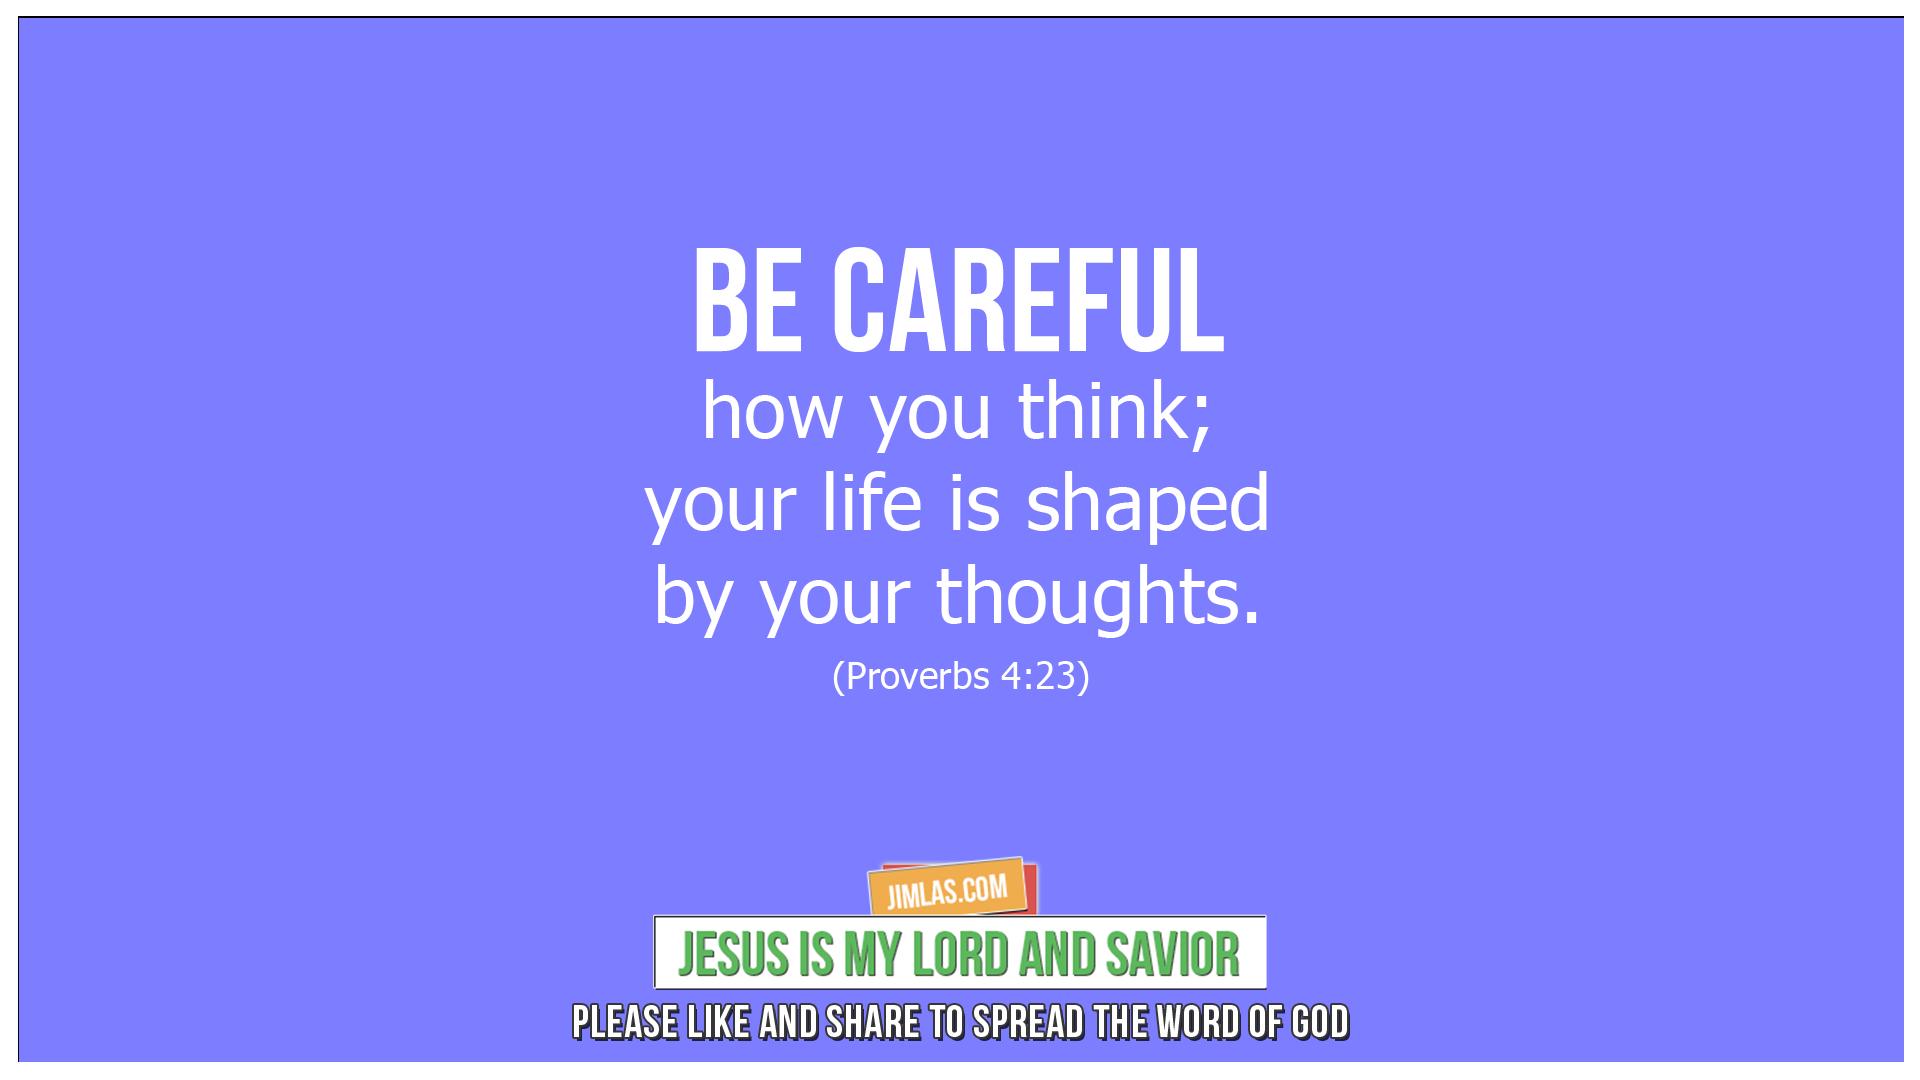 proverbs 4 23, Proverbs 4:23